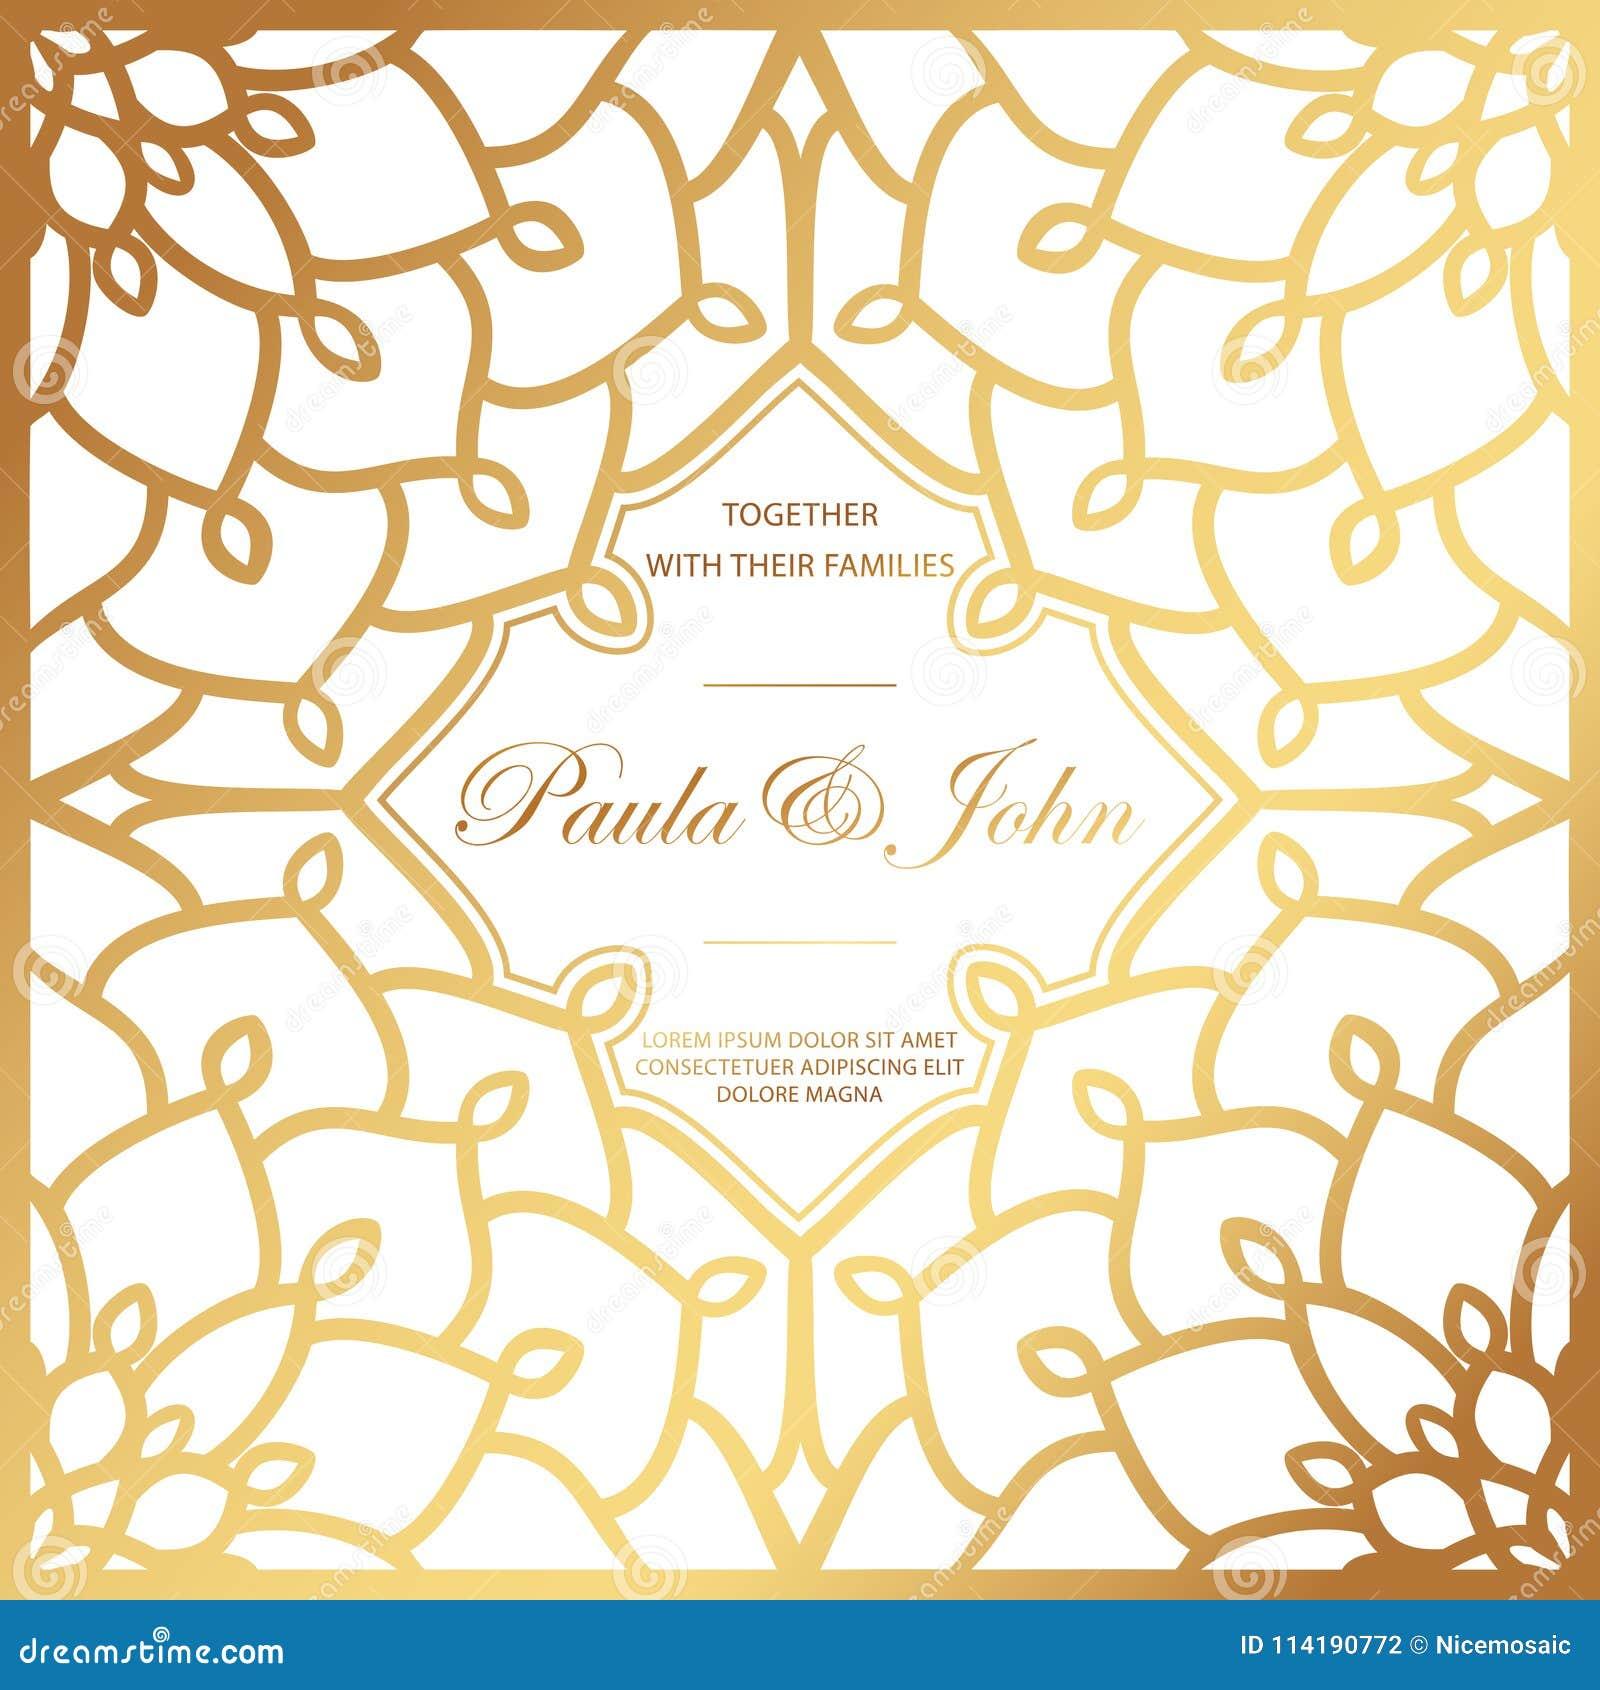 Stylish Gold And White Wedding Card Royal Vintage Wedding Invit